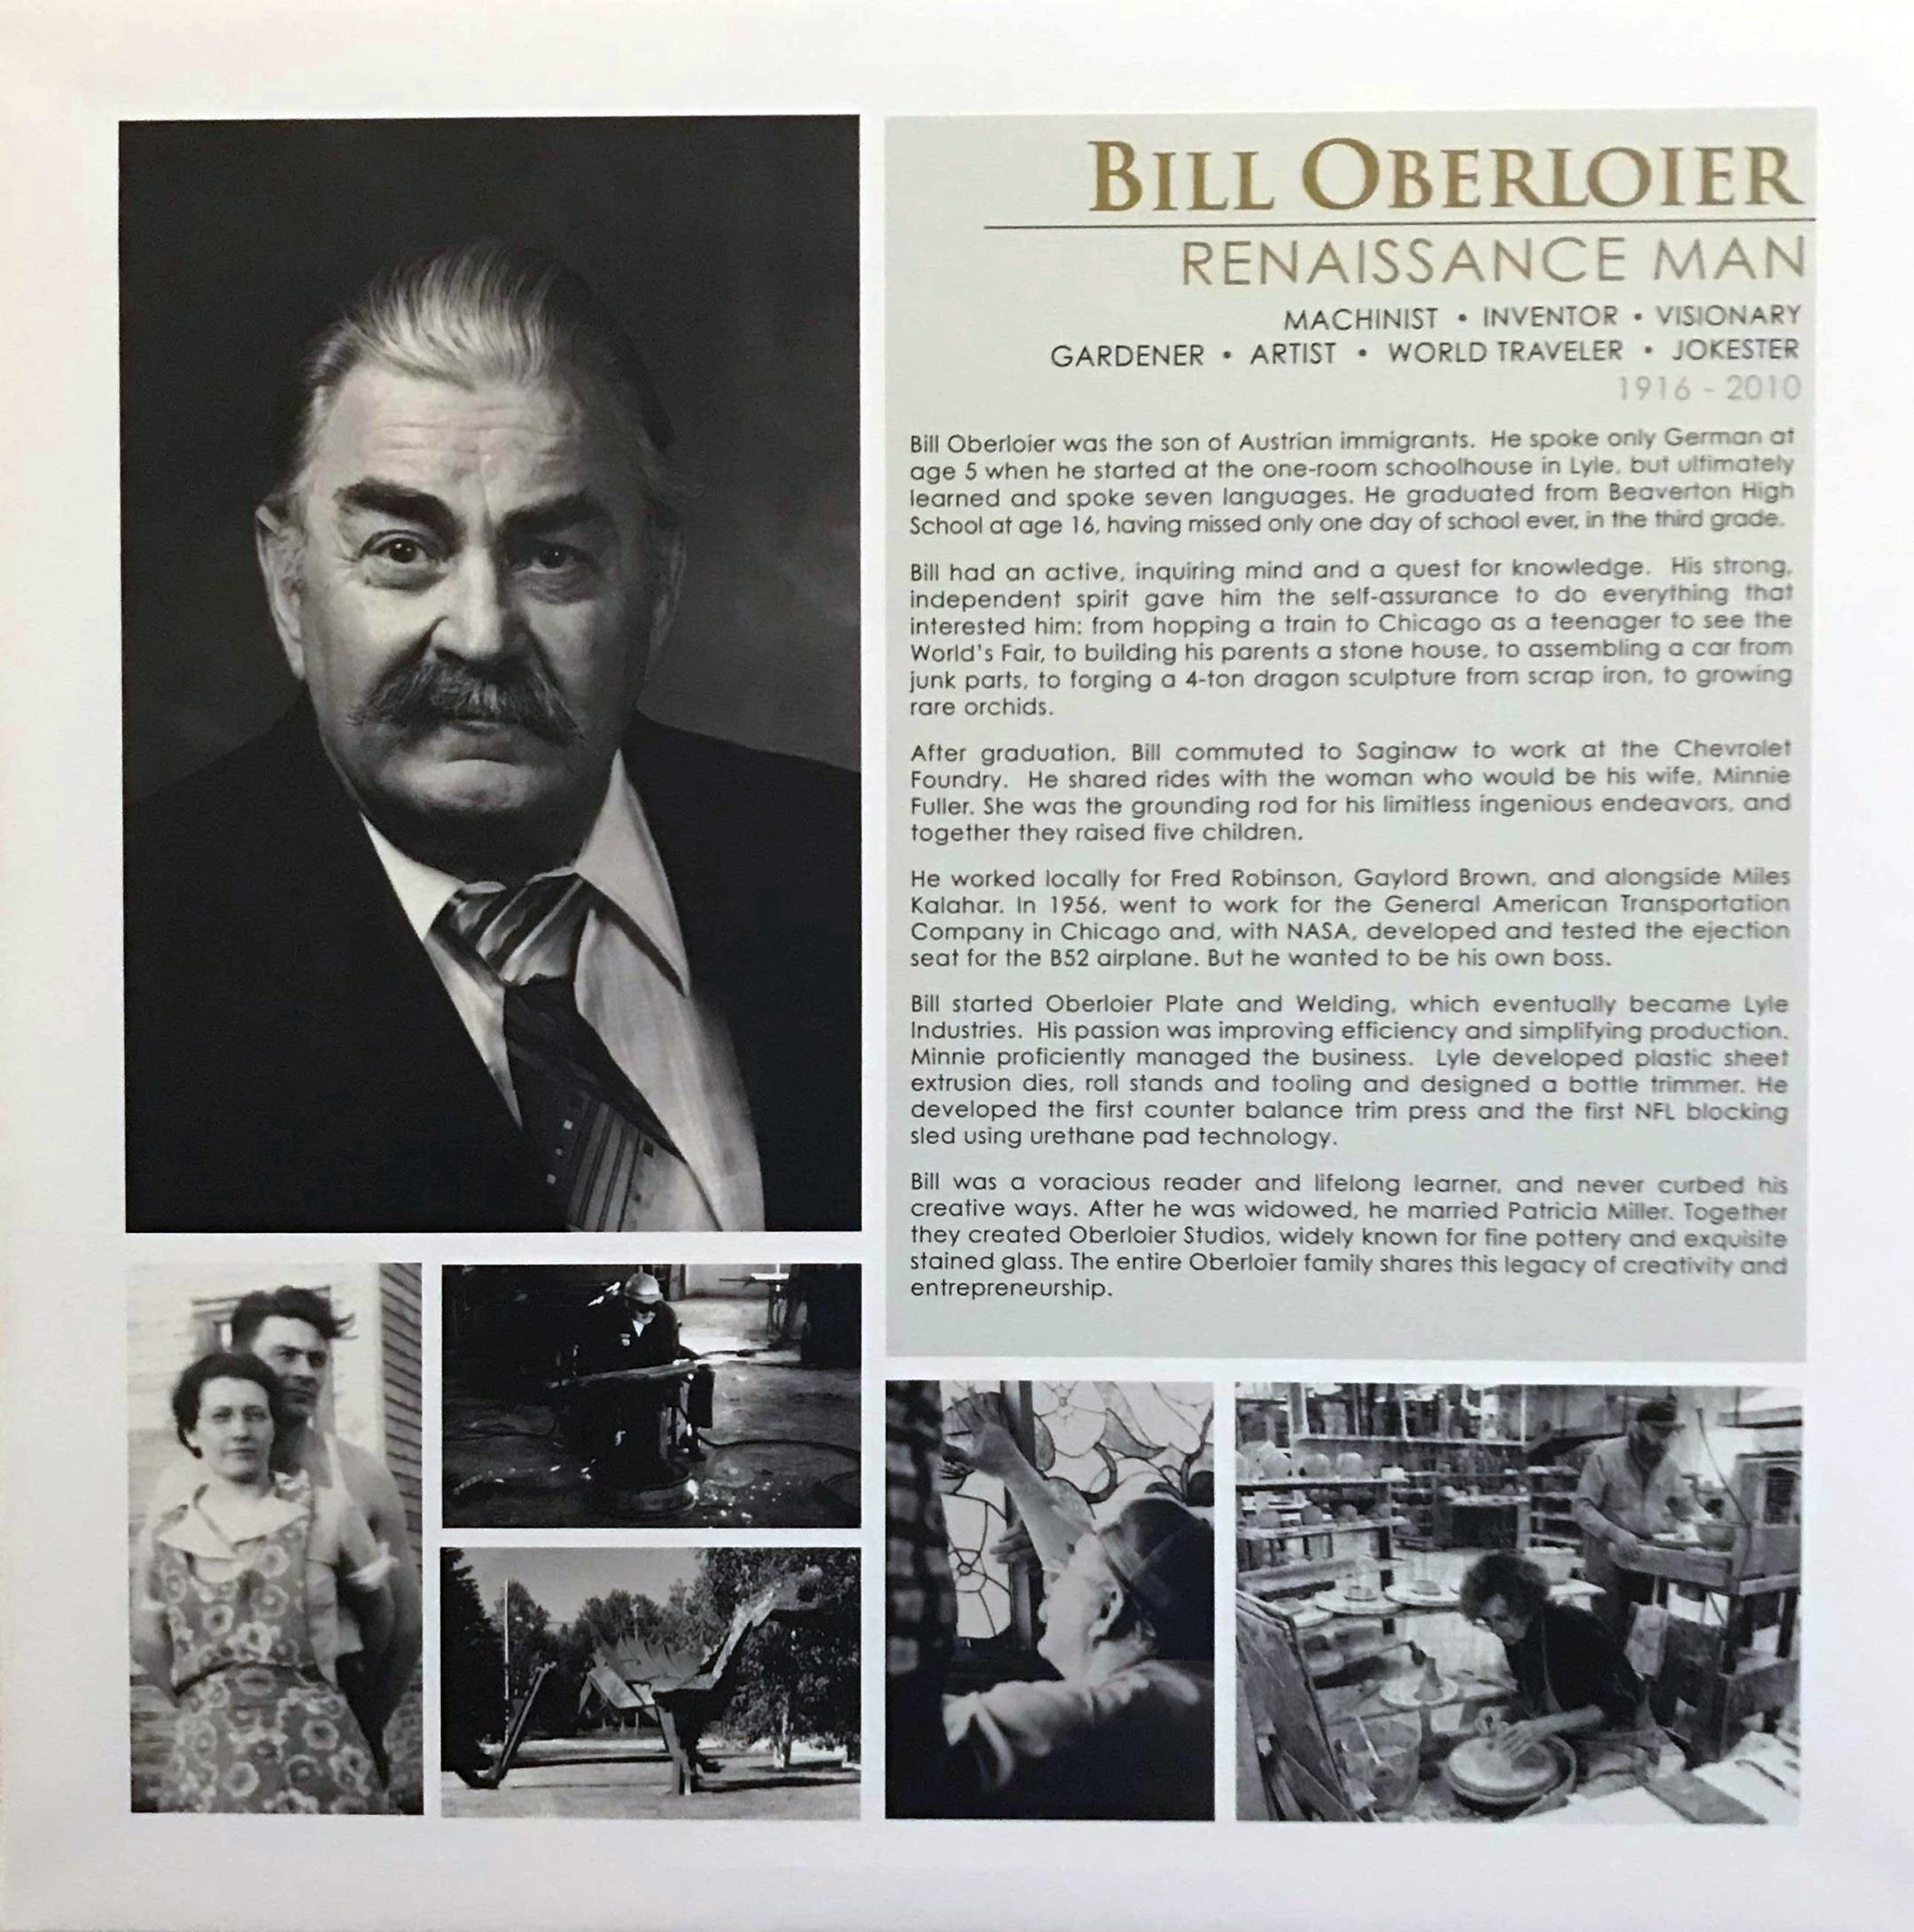 bill oberloier